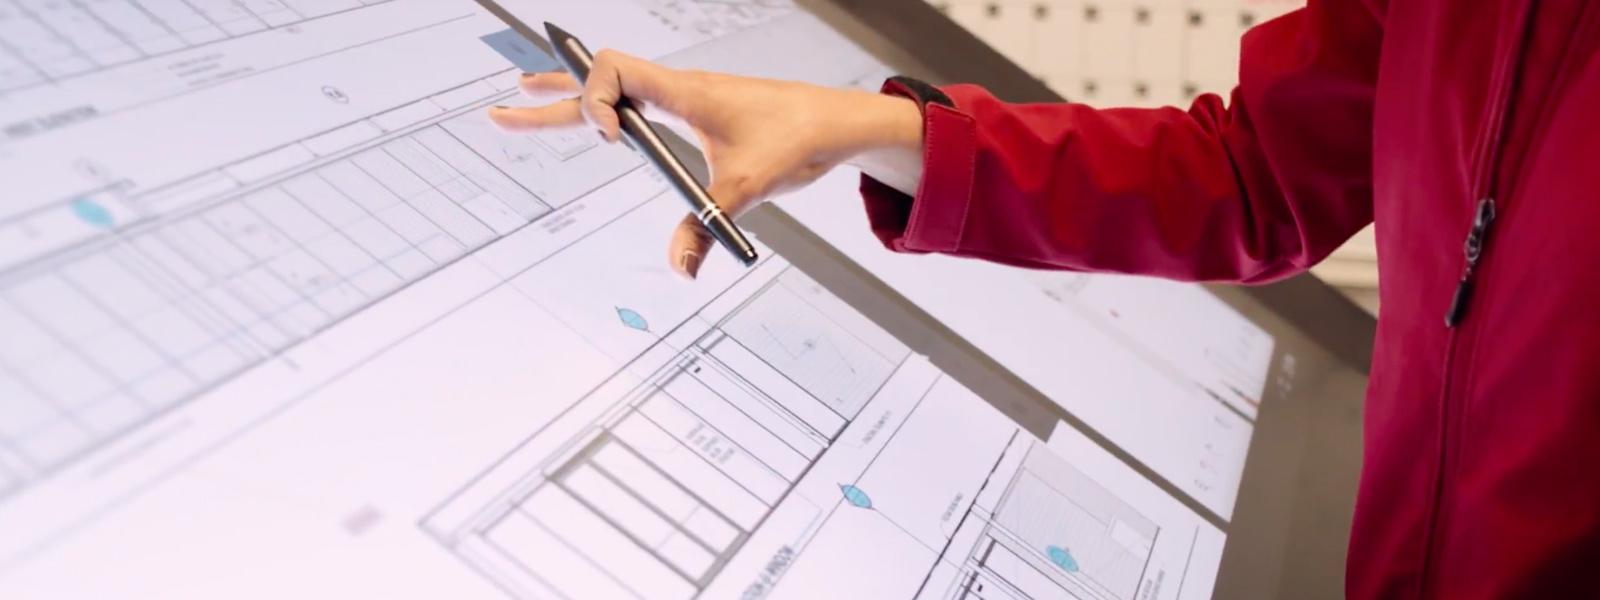 Suffolk Construction-medewerker werkt aan een blauwdruk op een Surface Hub.